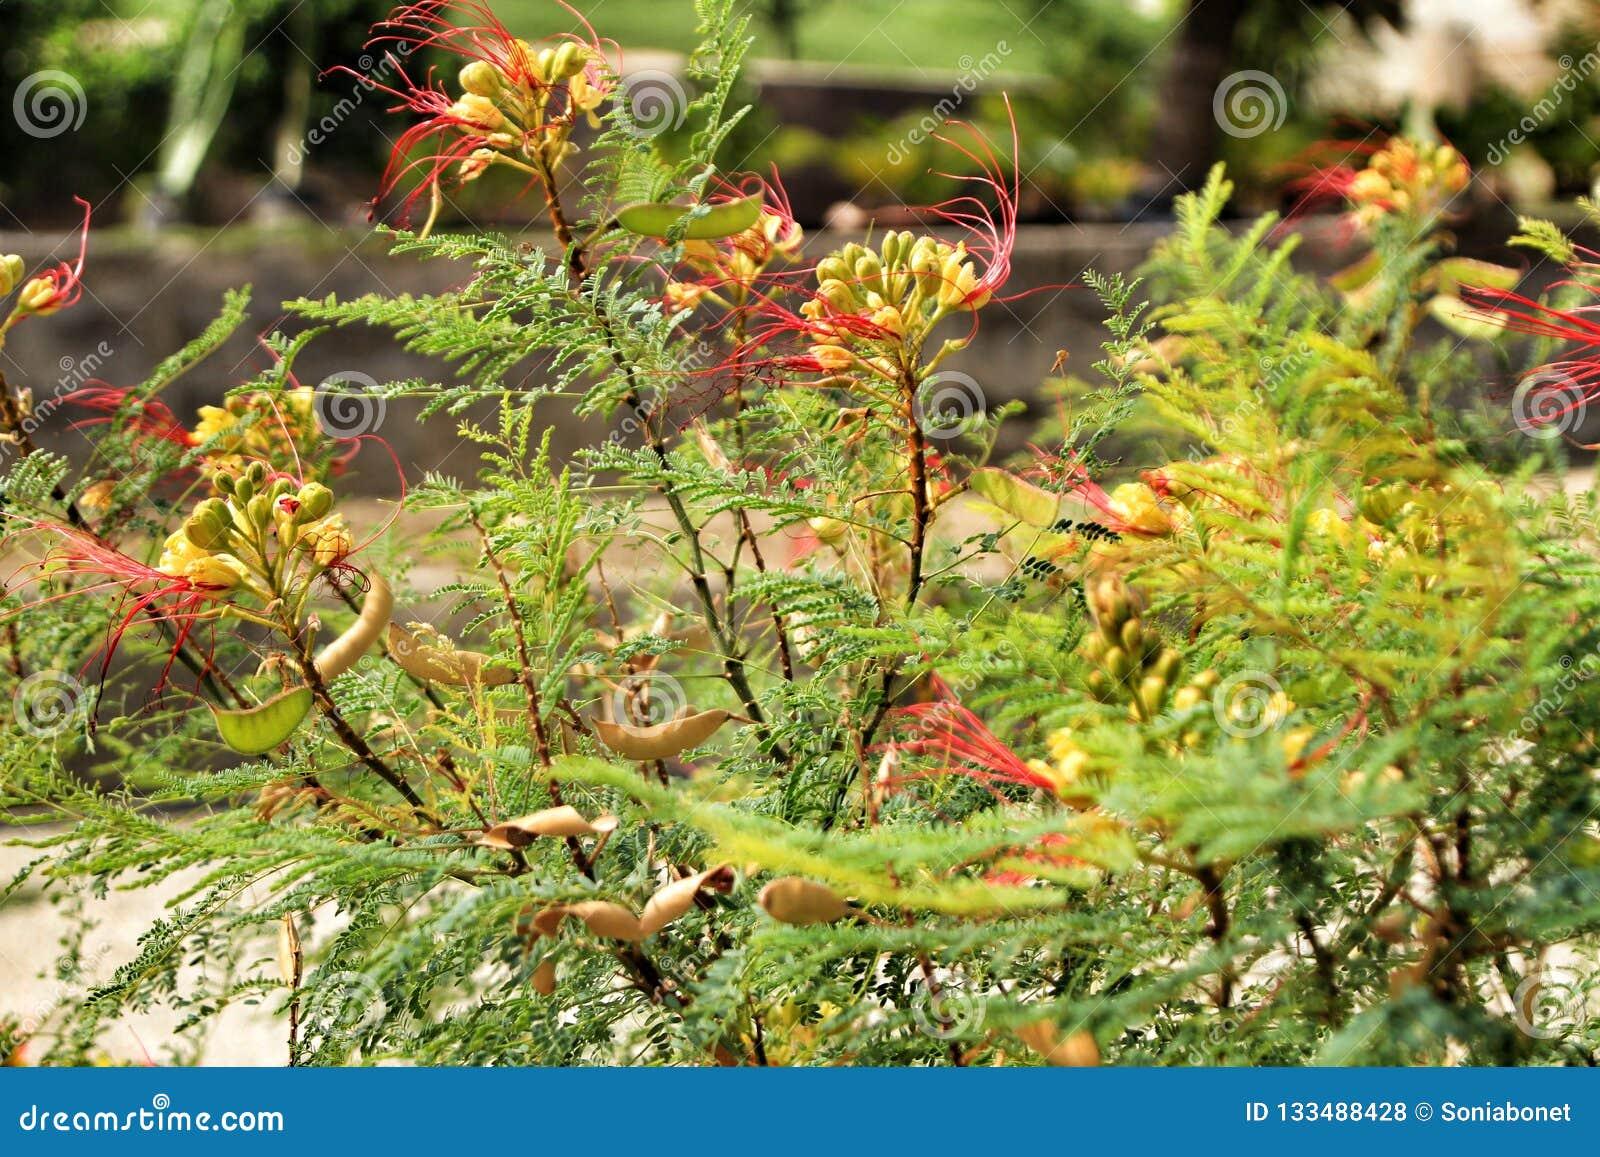 Senecio Kleinia plant in the garden